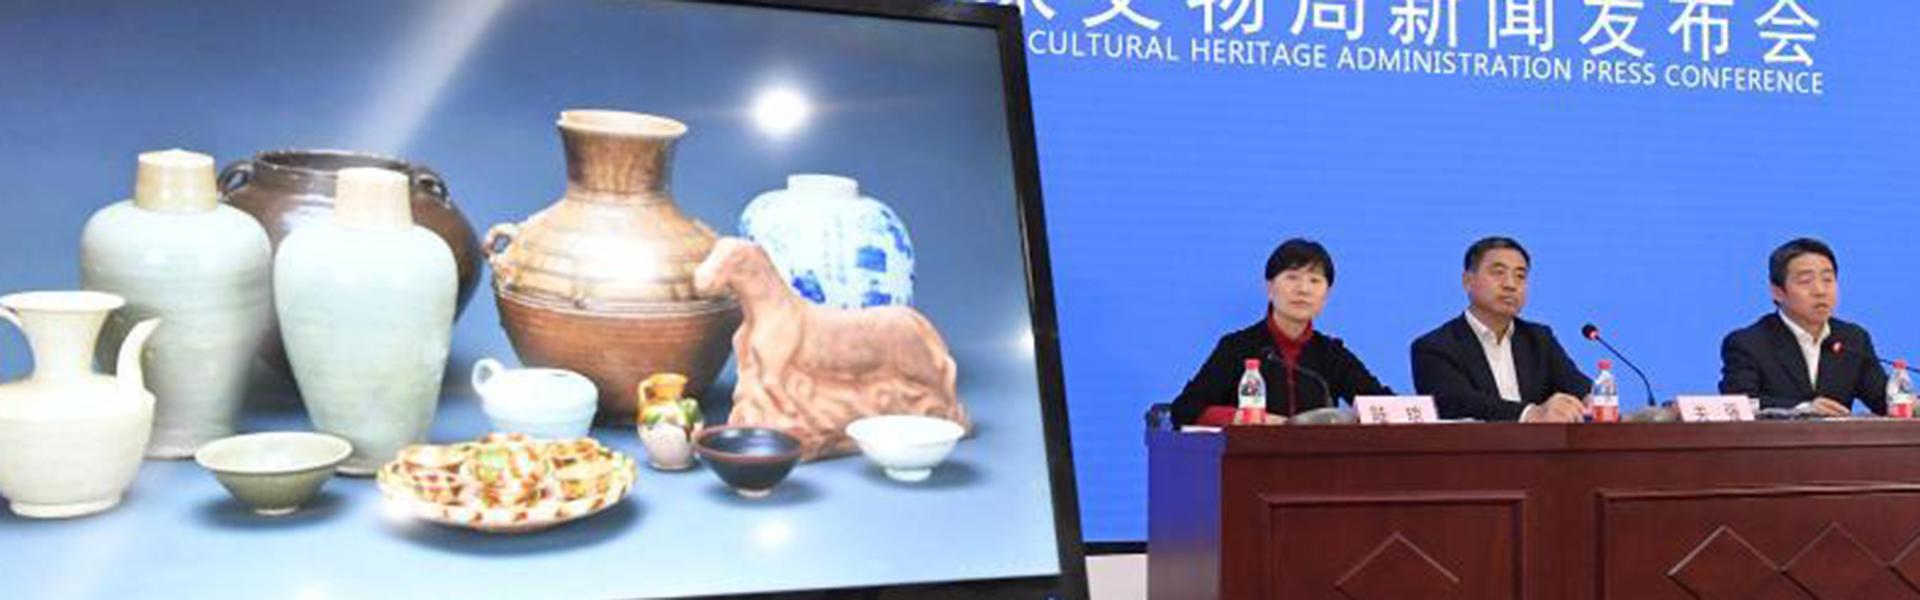 西鳳酒張正:白酒産業要做到表達、文化、市場三方面的創新